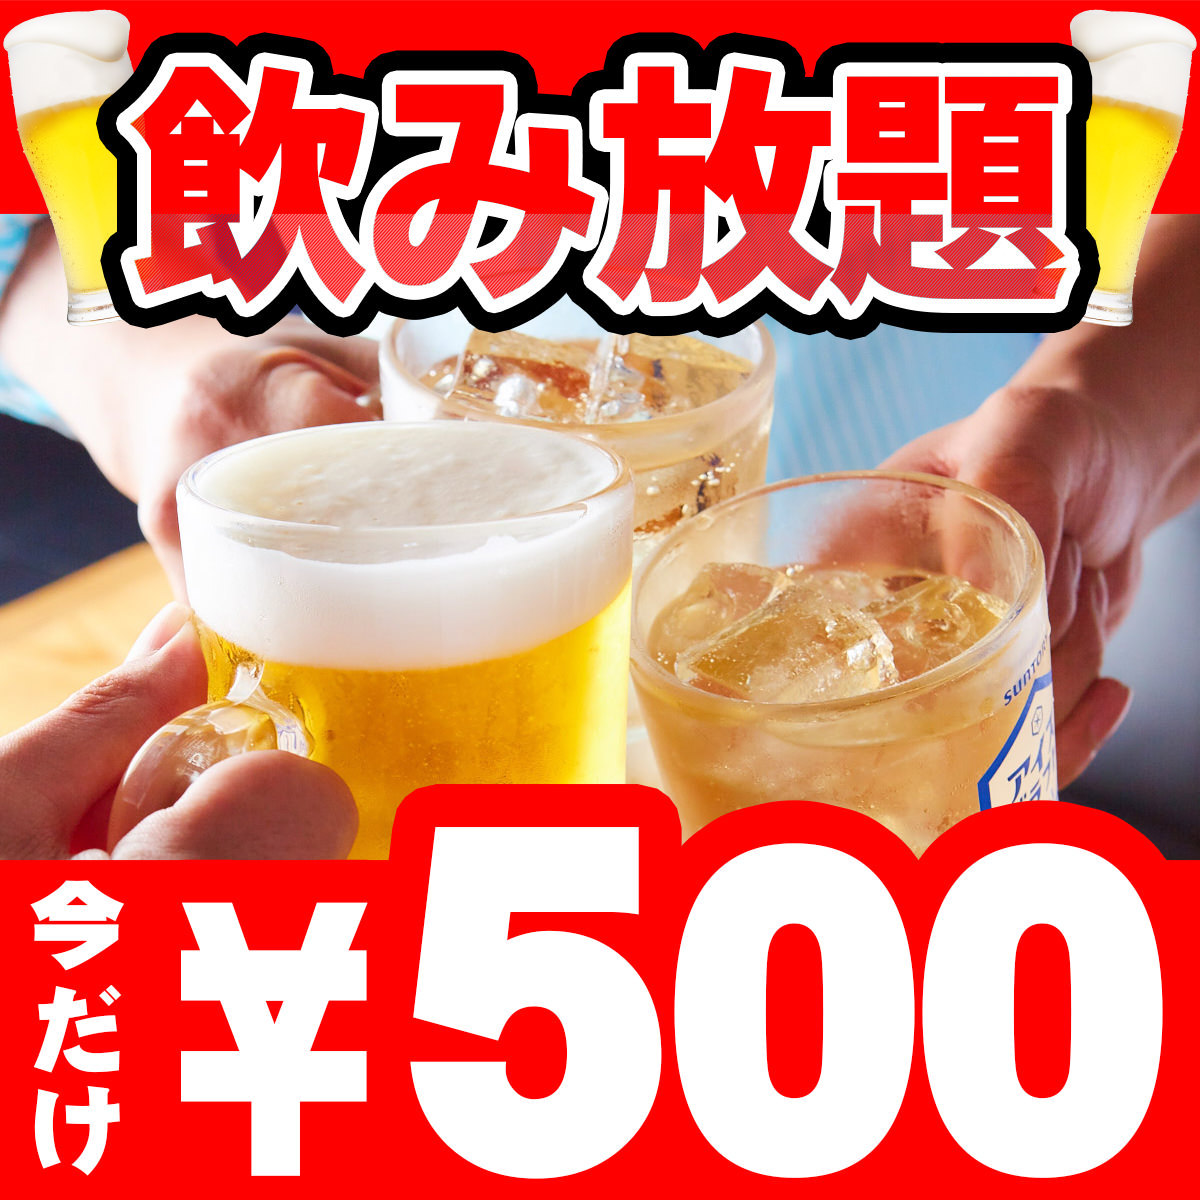 期間限定!2時間単品飲み放題500円!